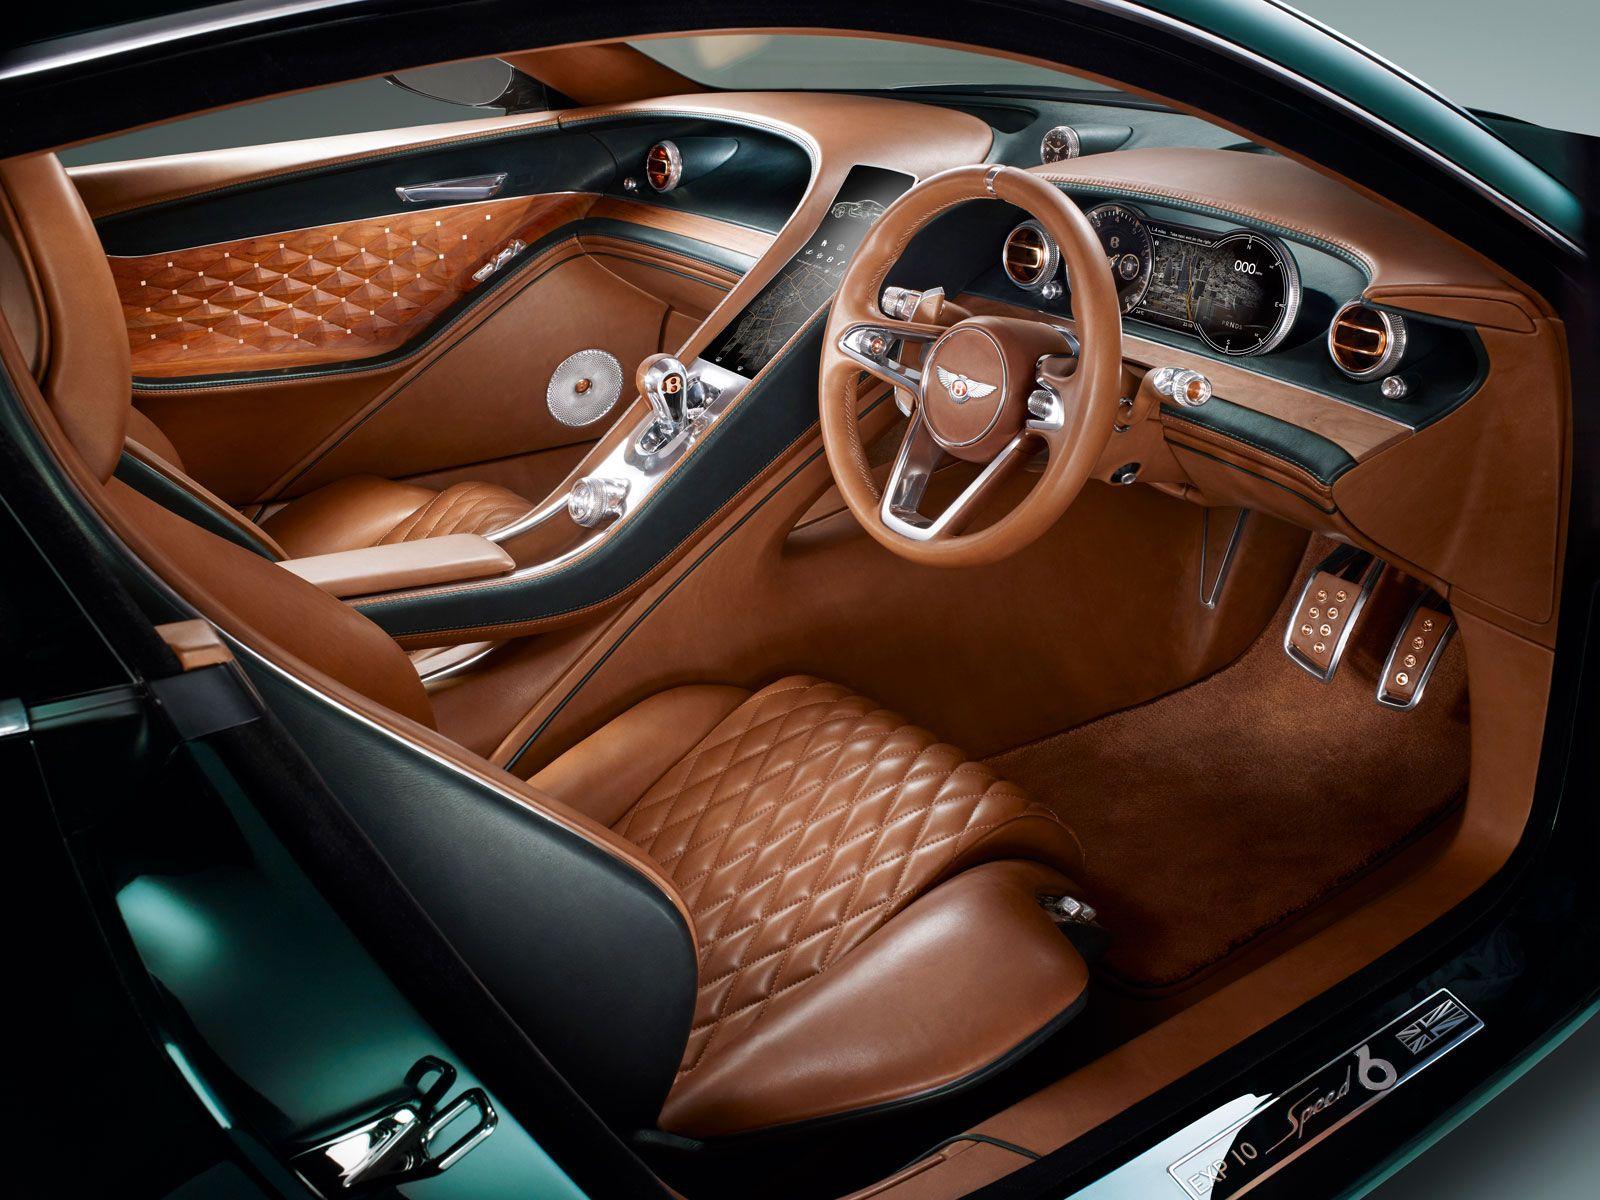 Bentley Exp 10 Speed 6 Concept Interior With Images Bentley